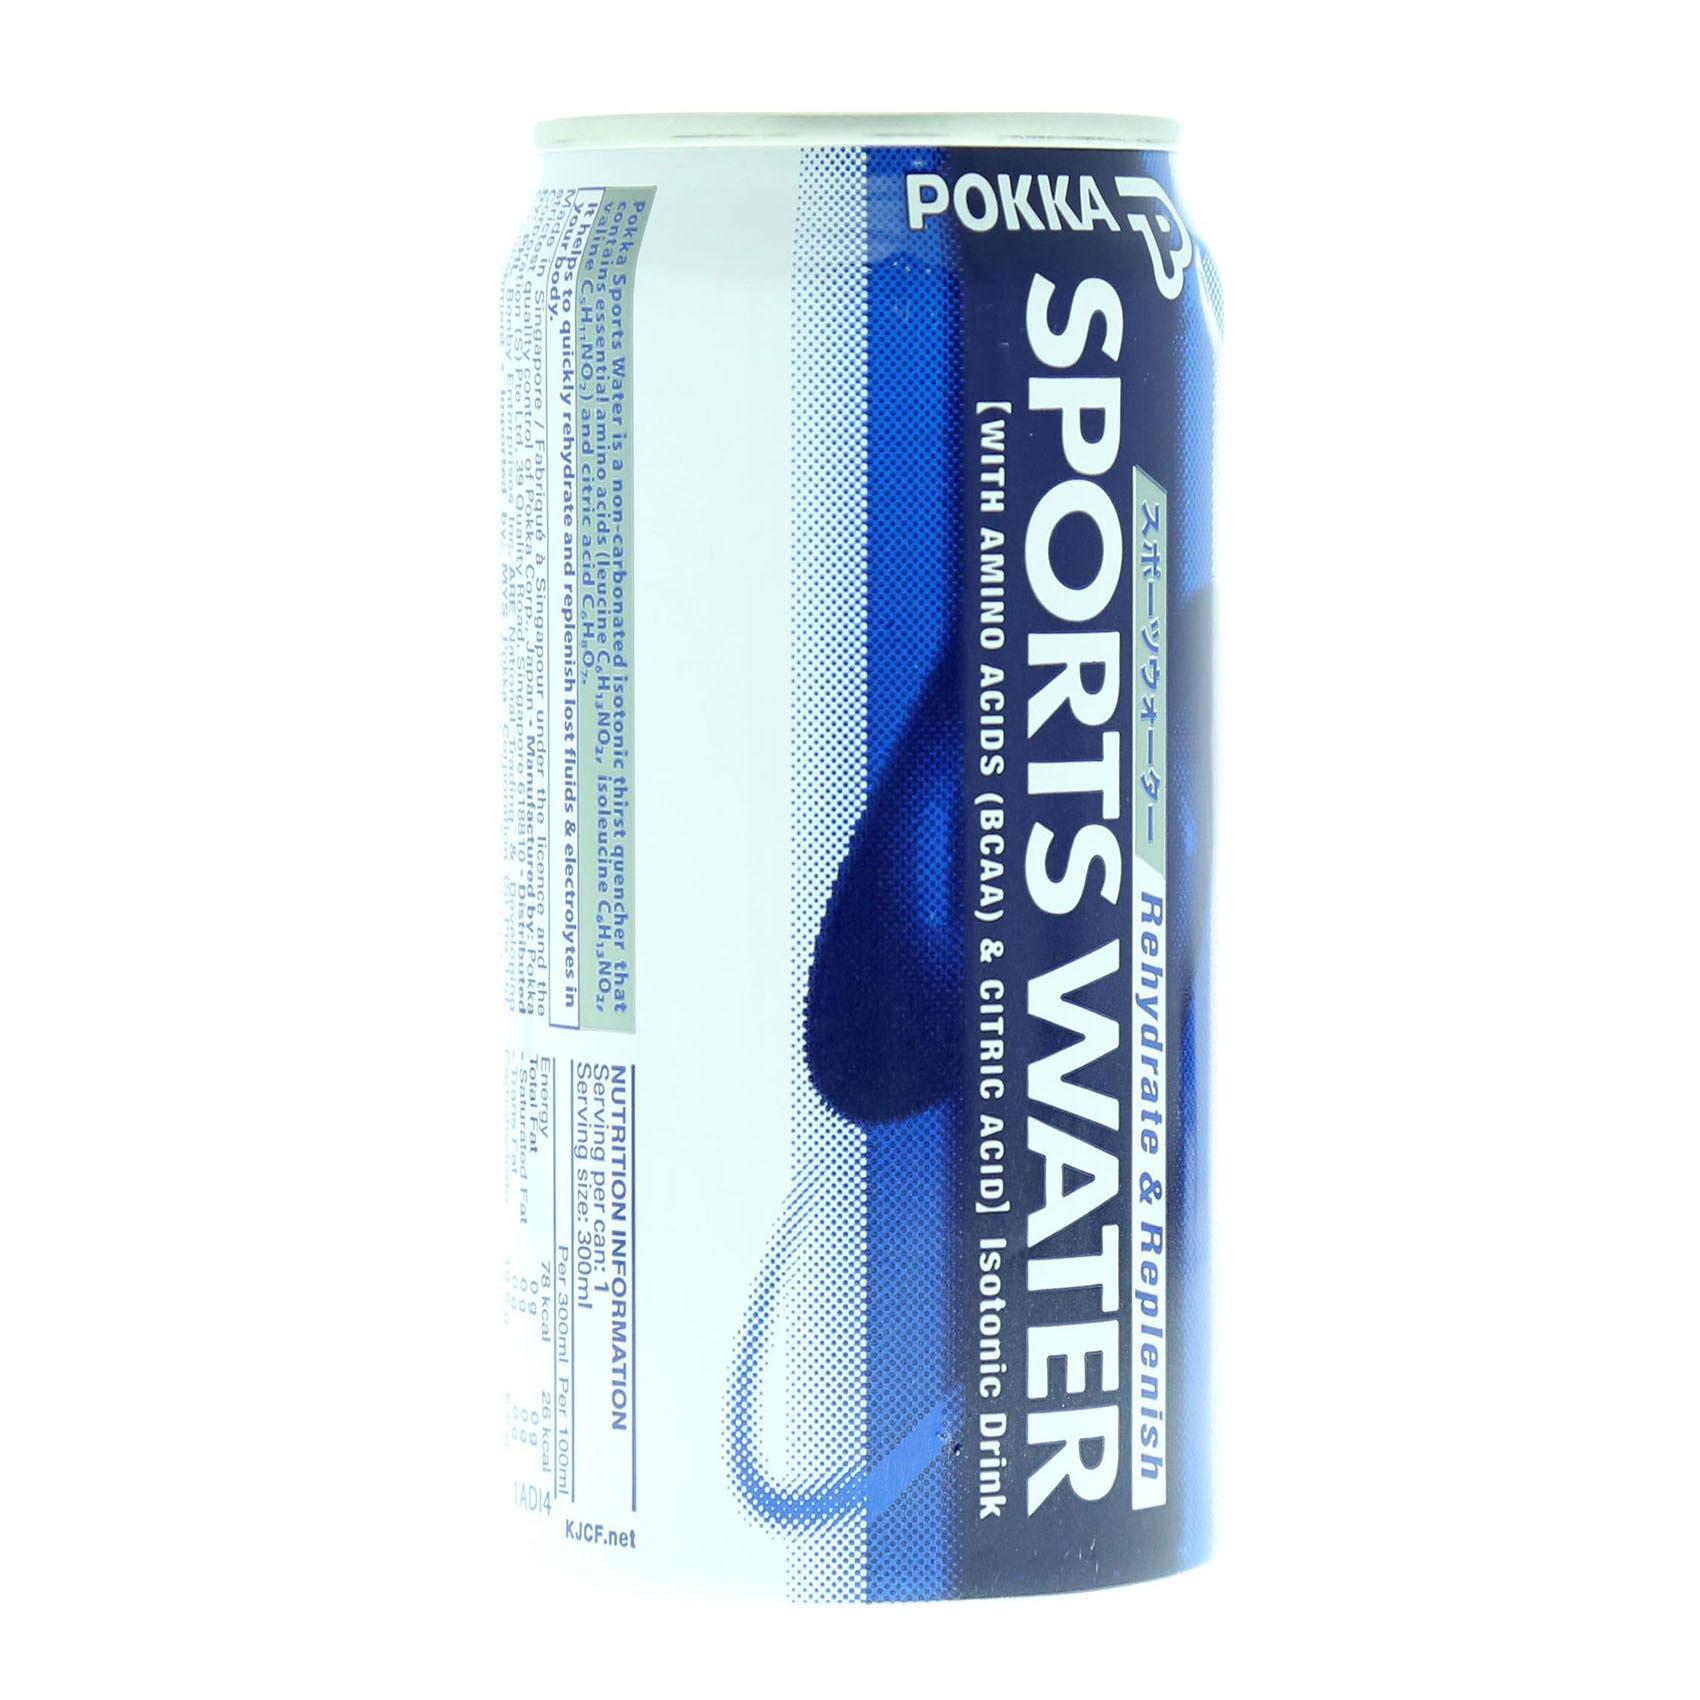 POKKA SPORT WATER 300ML